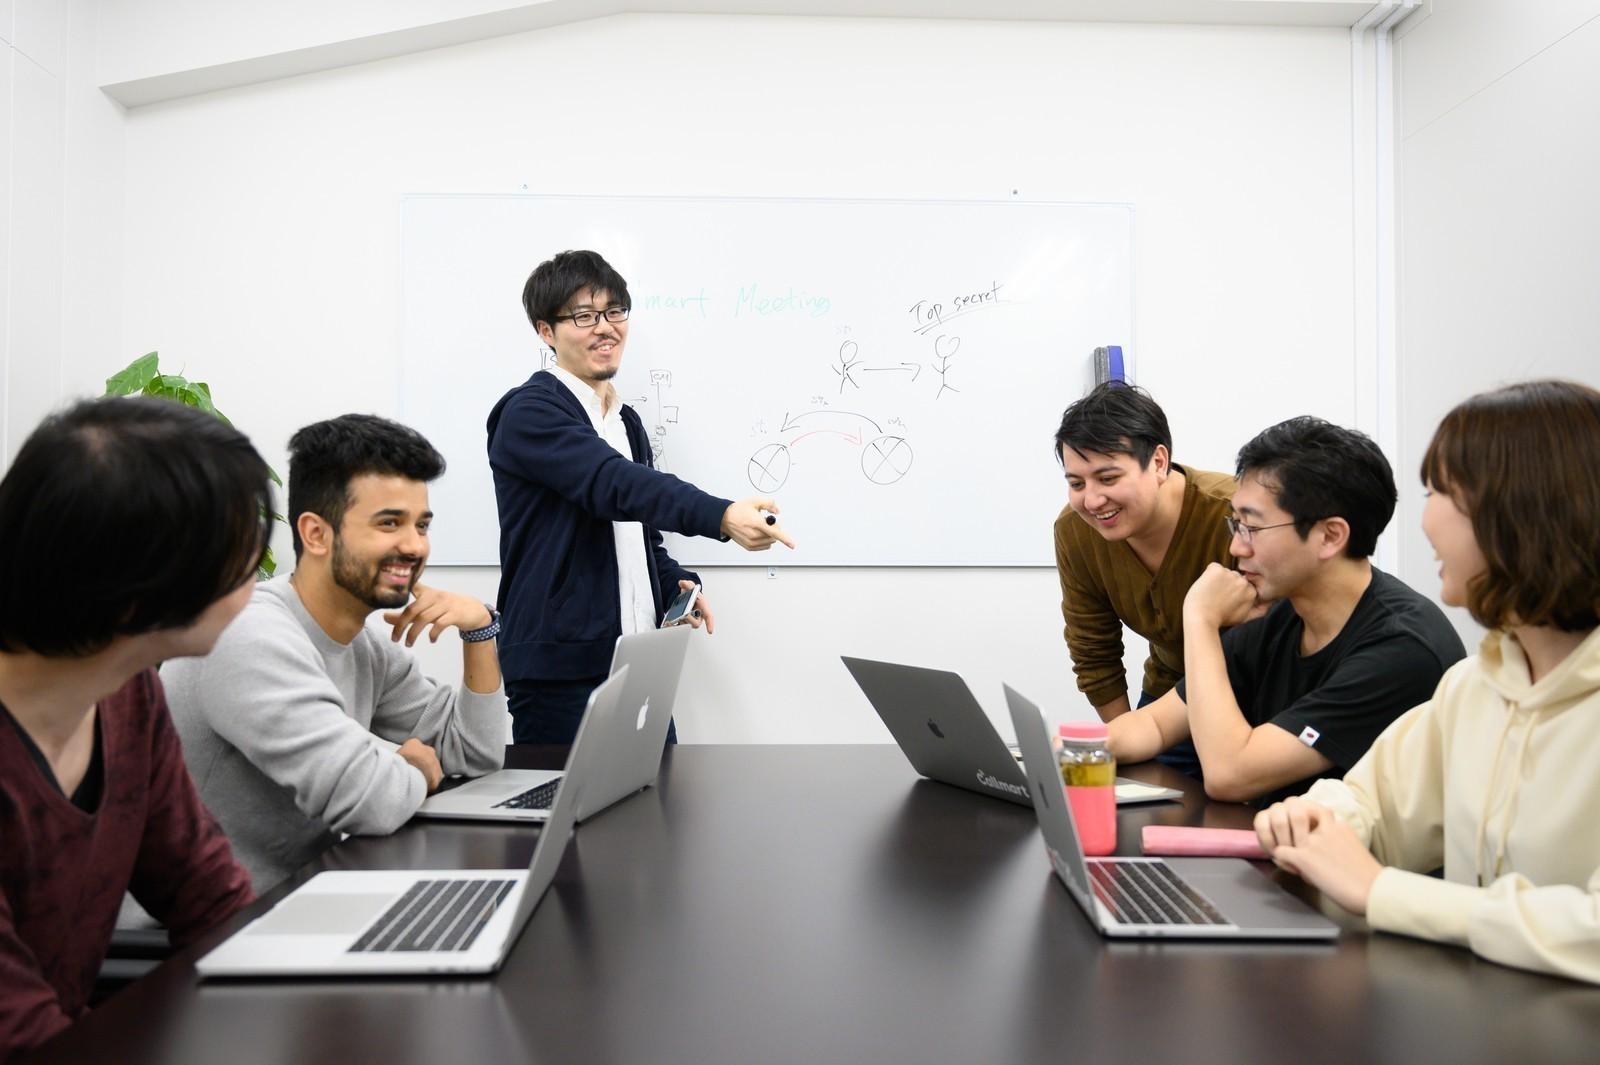 世界75億人がターゲット!【コミュニケーション決済アプリ】管理機能を開発するWebエンジニアを募集!